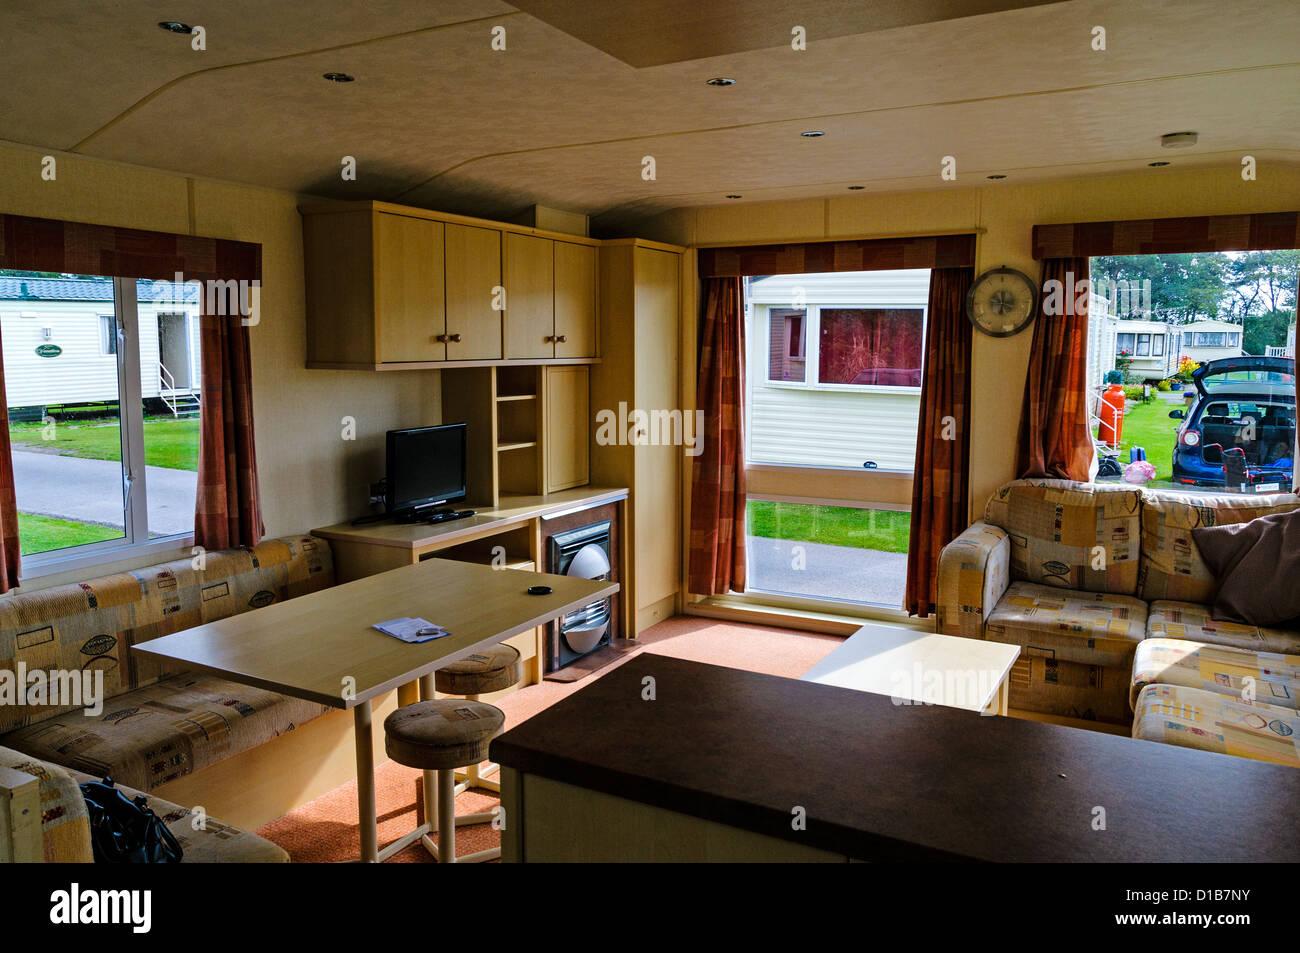 caravan interior photos & caravan interior images - alamy